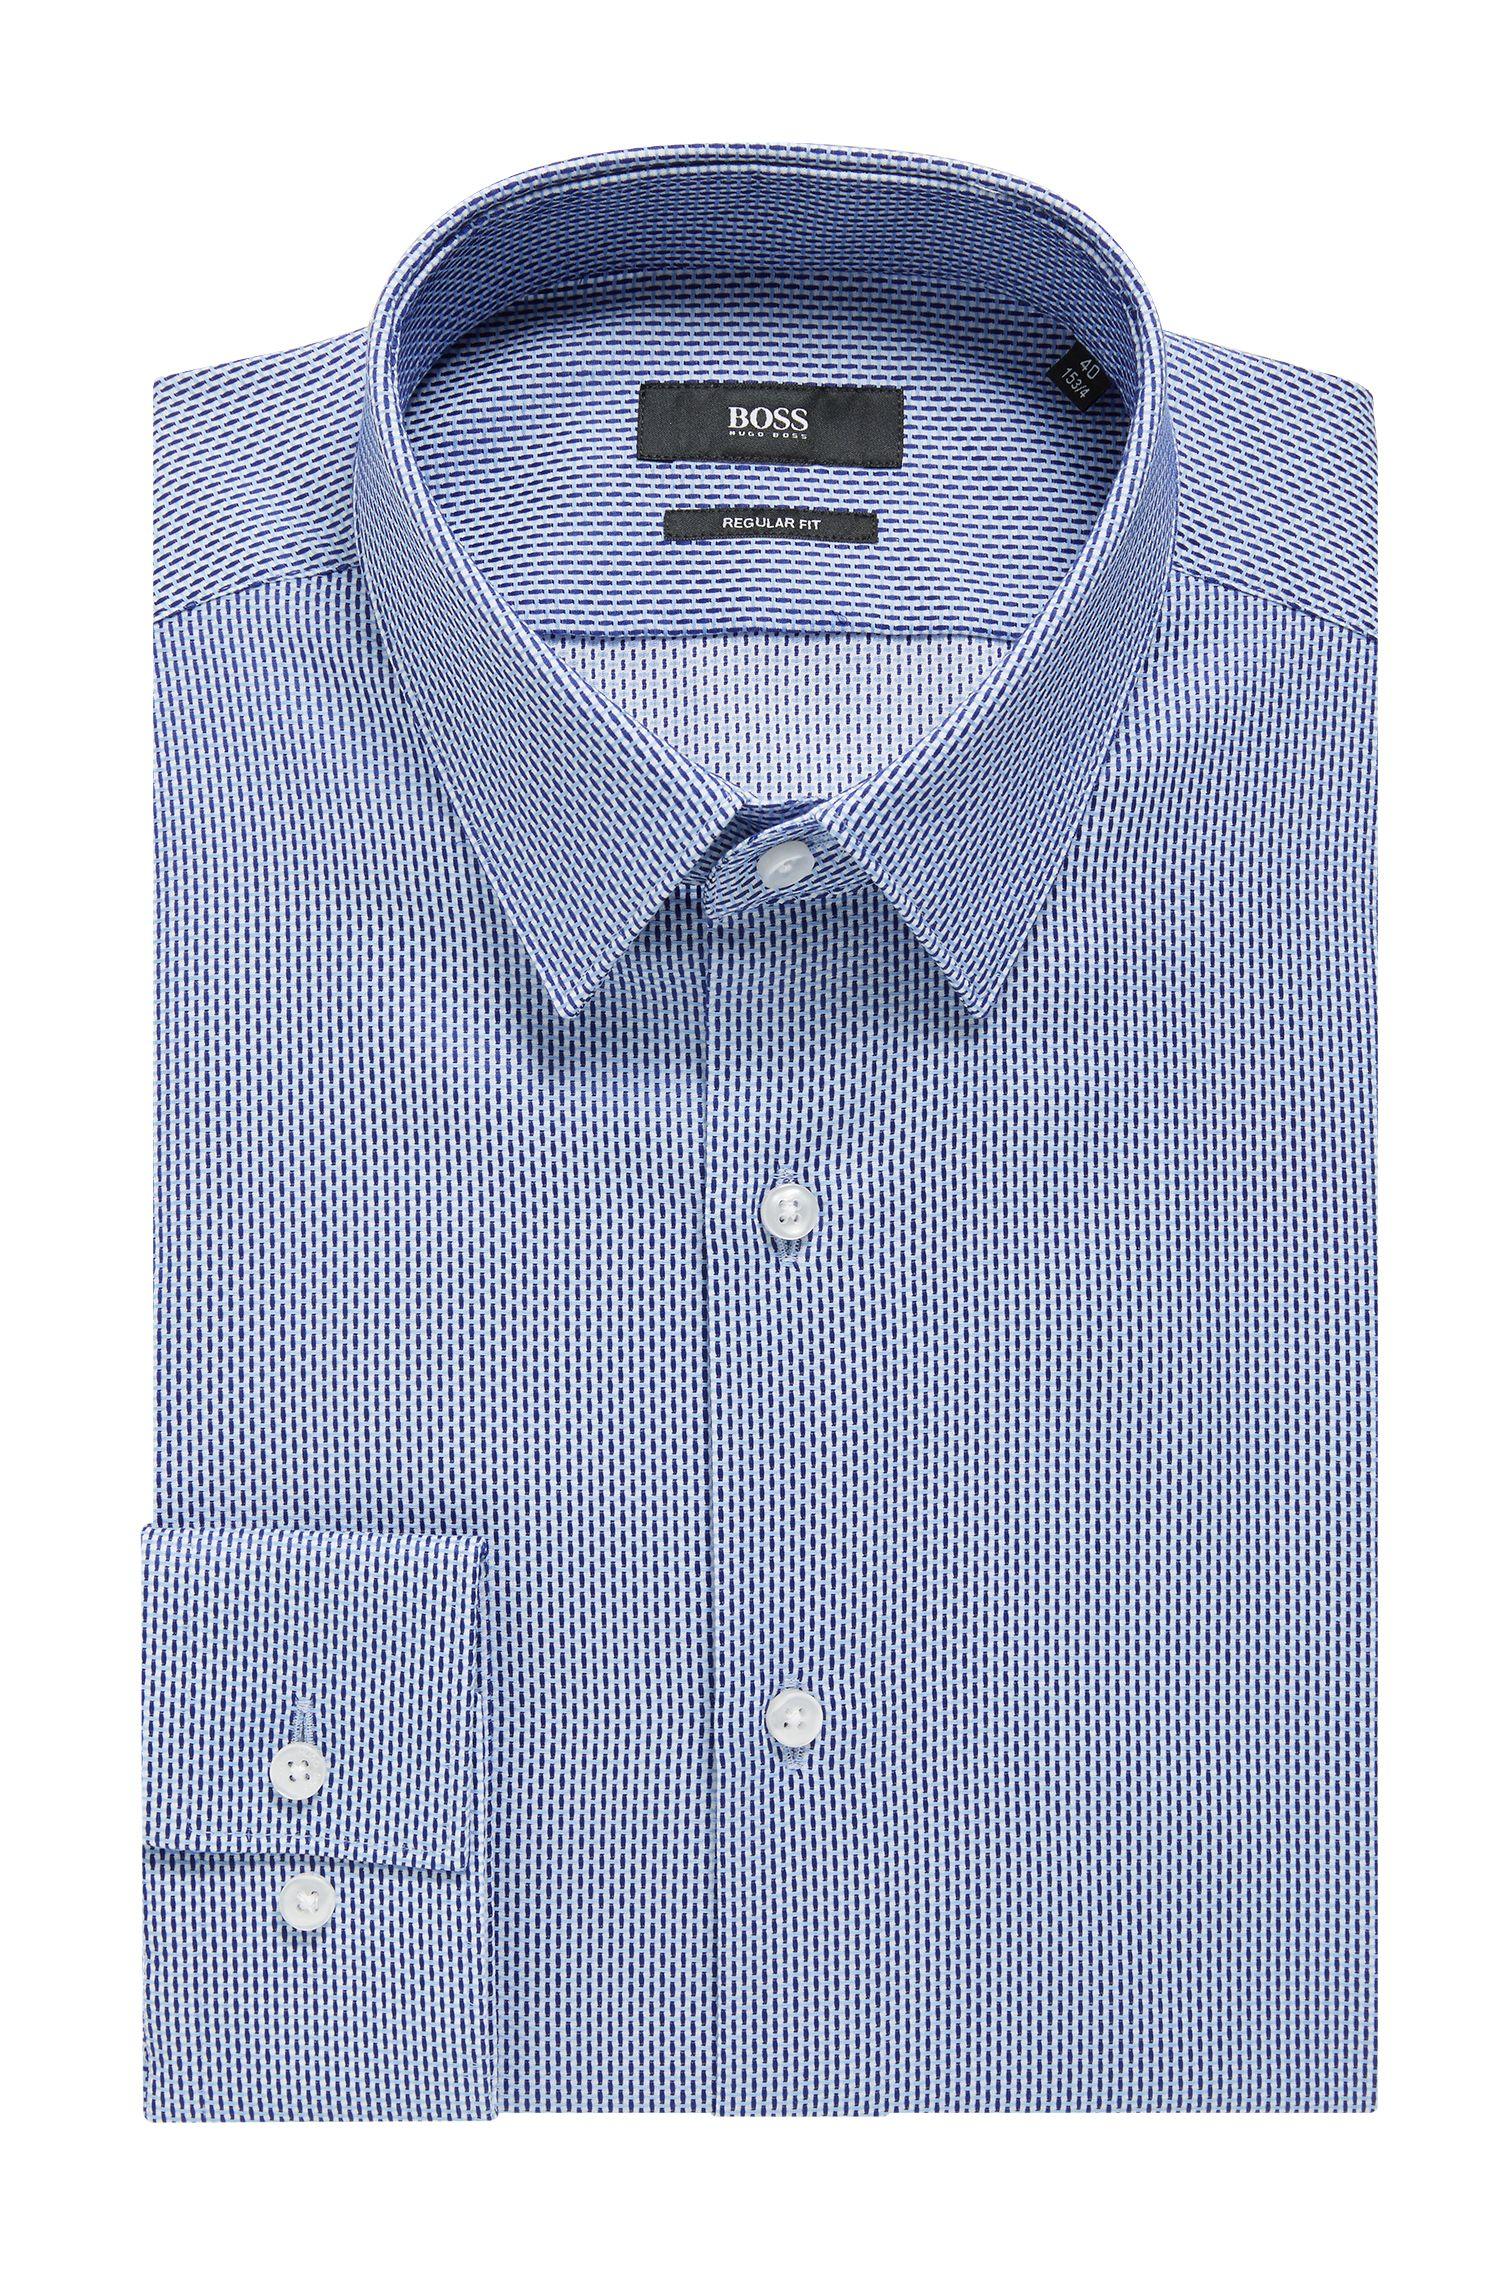 Regular-fit overhemd van katoen met tweekleurige microstructuur, Blauw